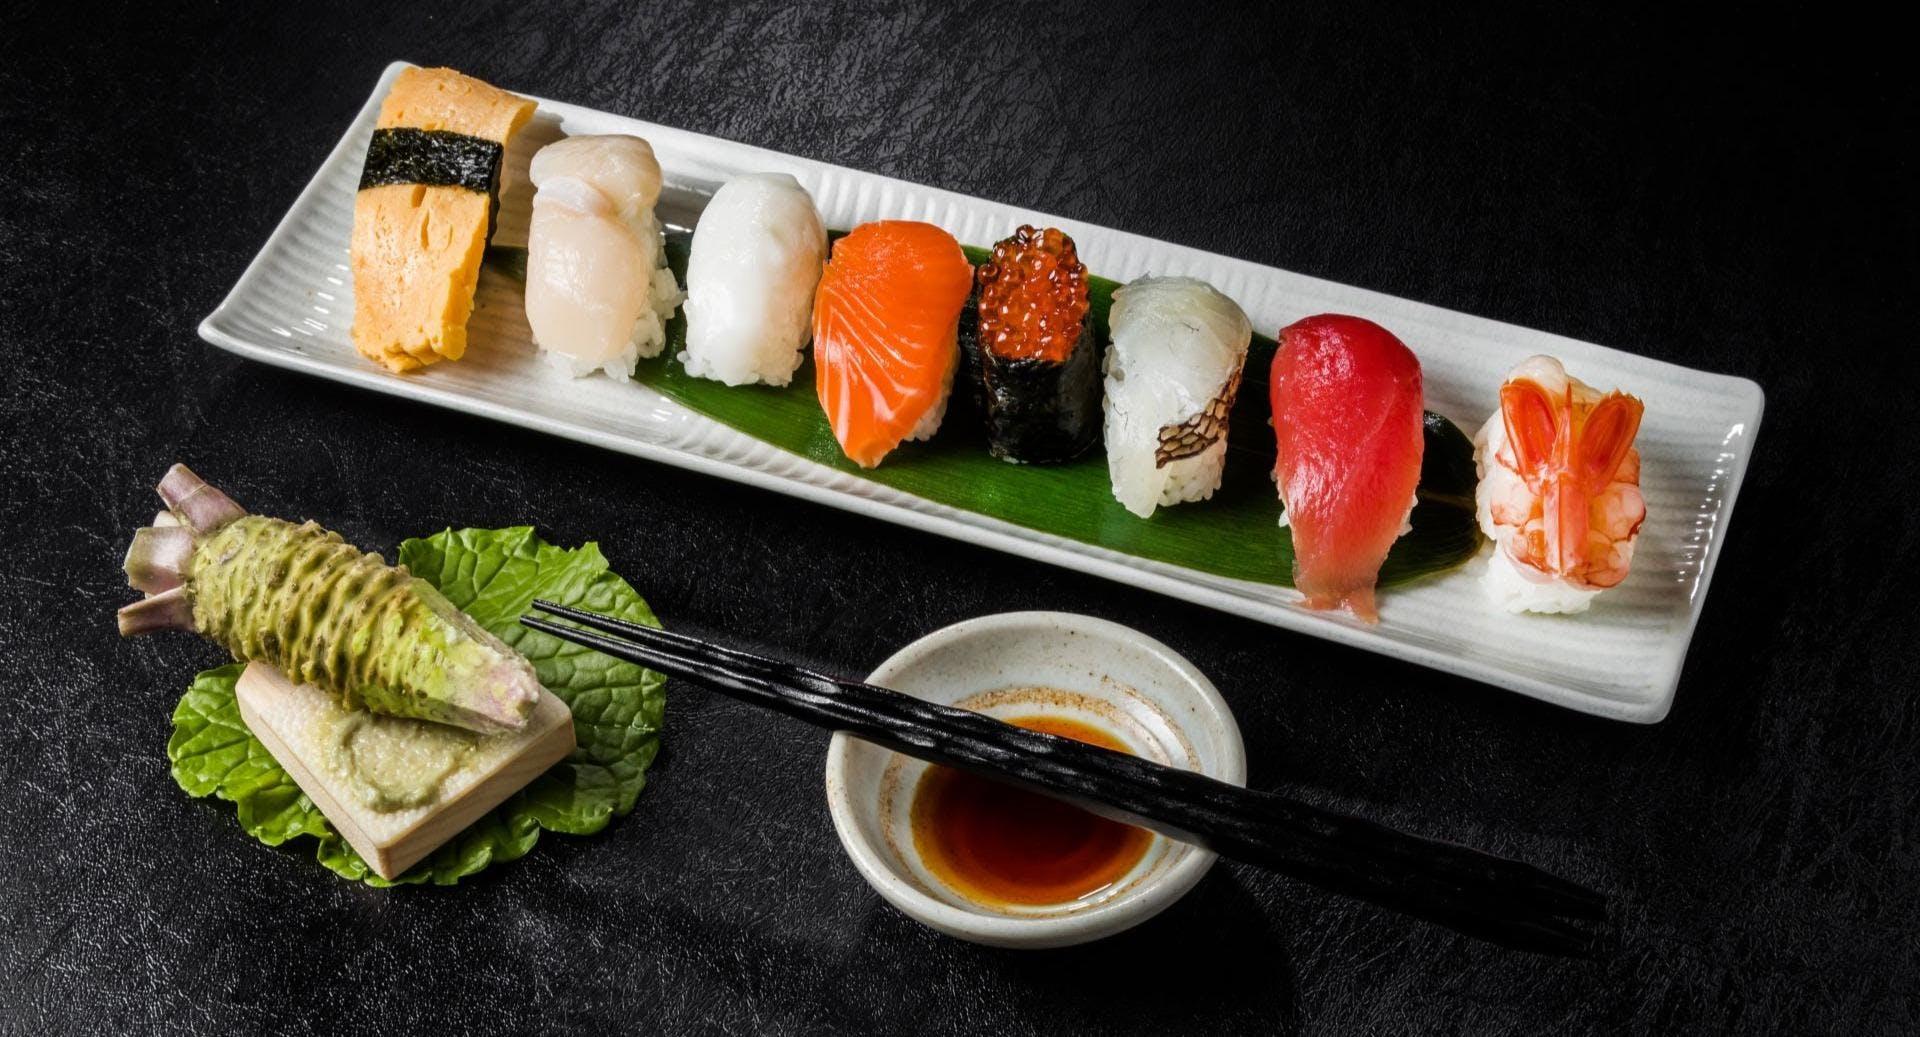 Kamikaze Sushi & Bowls